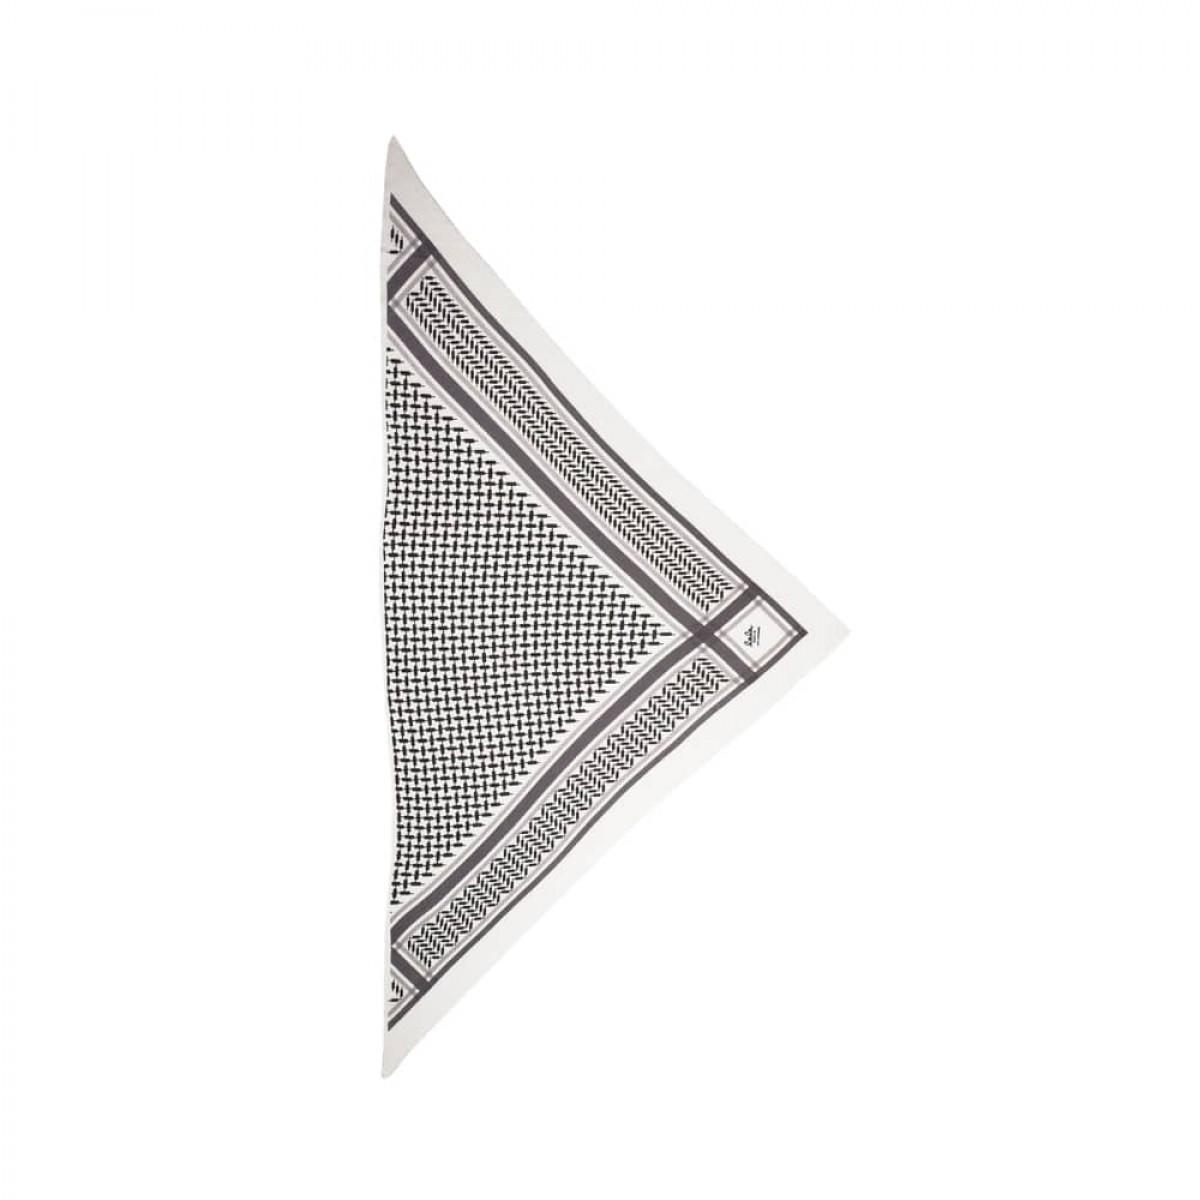 triangle trinity classic m - alabastro - off-white -3